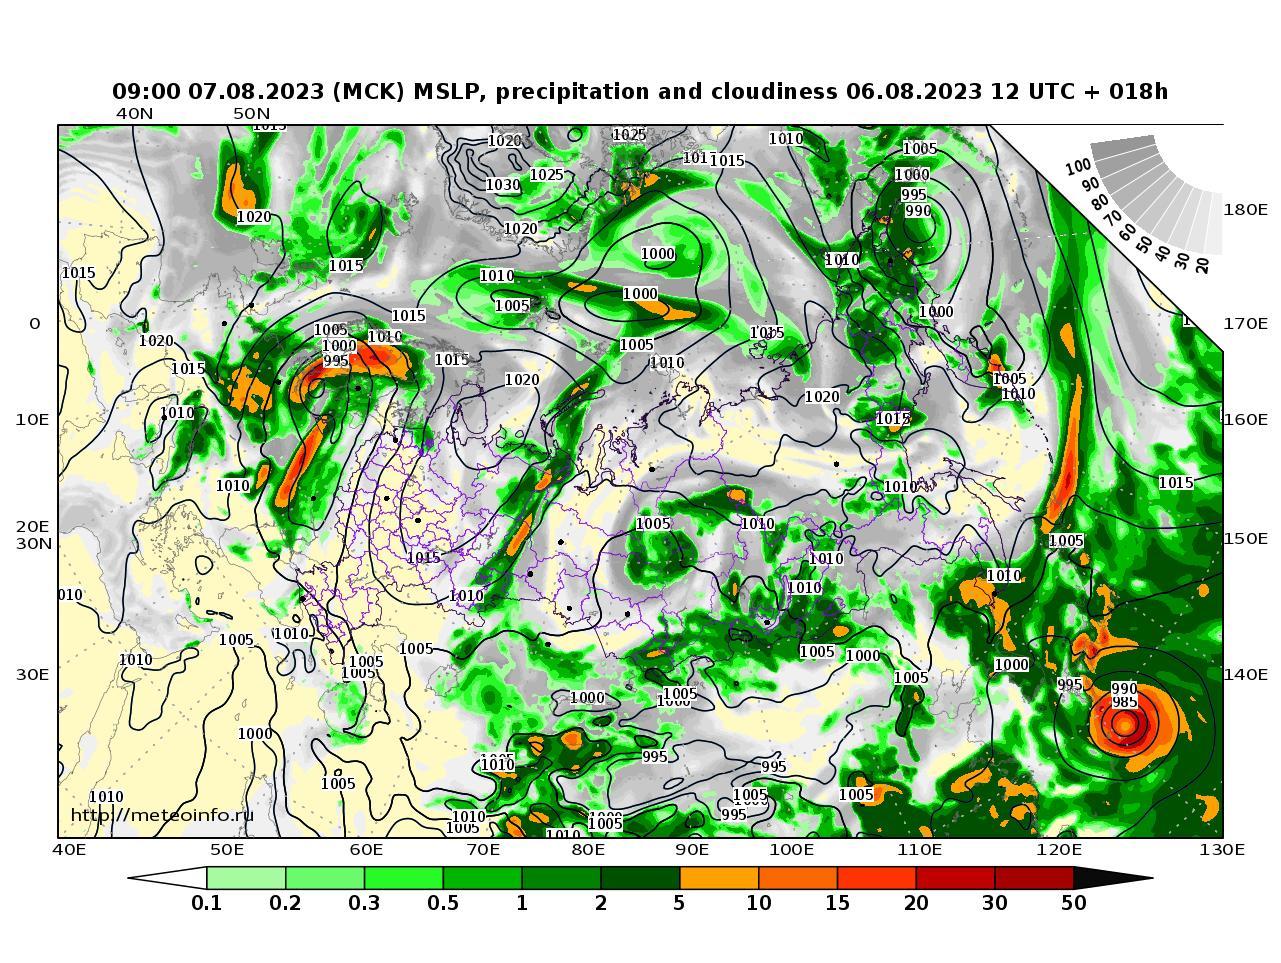 Россия, прогностическая карта осадки и давление, заблаговременность прогноза 18 часов